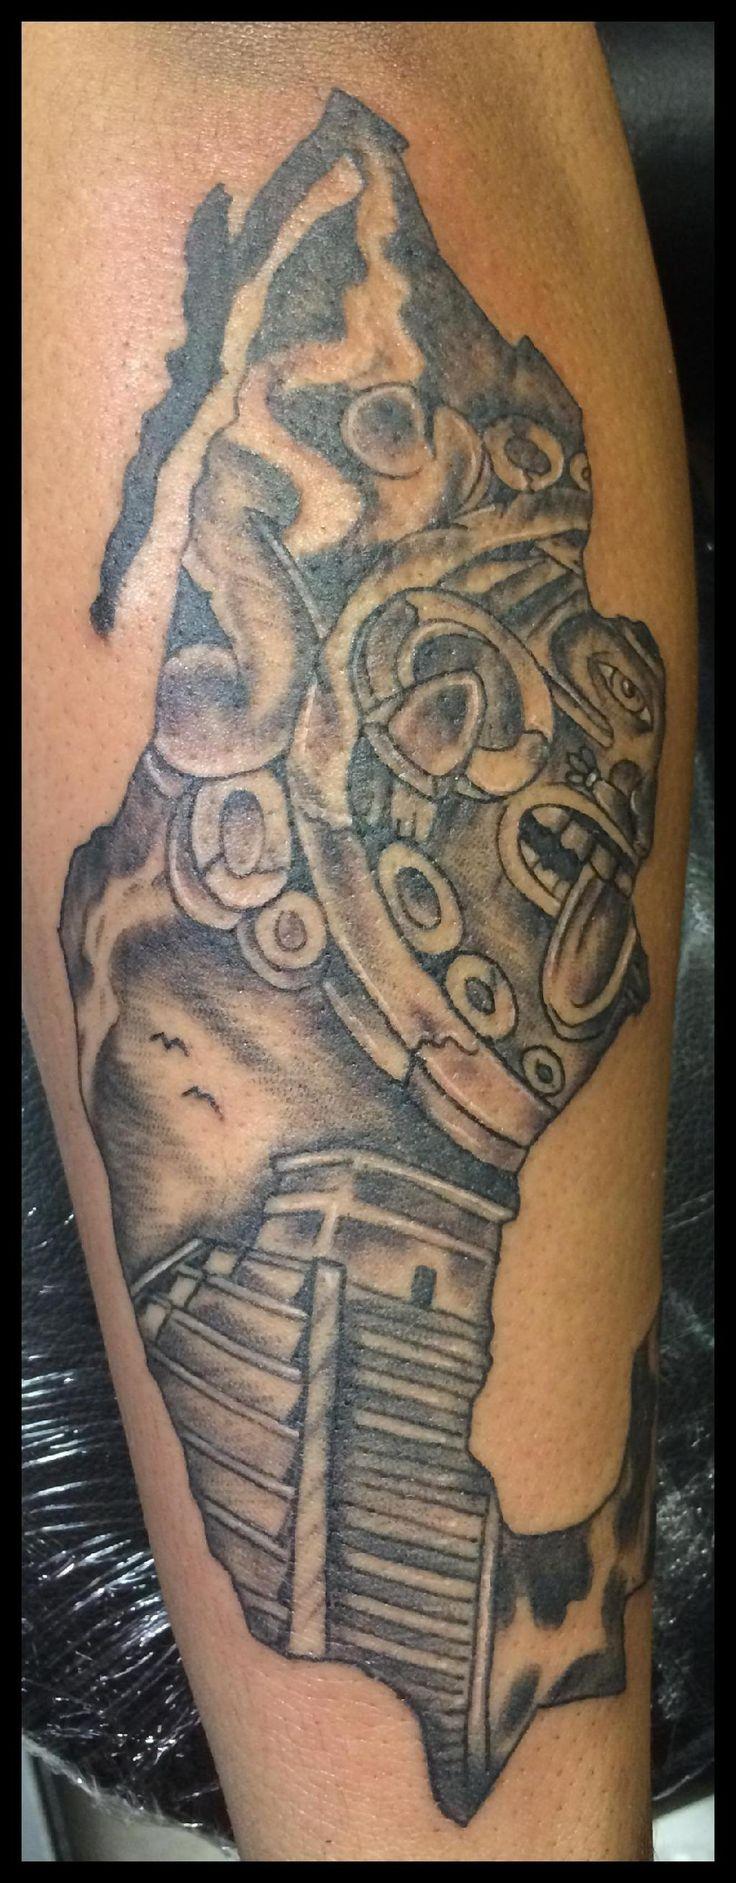 Résultats de recherche d'images pour «mexico tattoos»